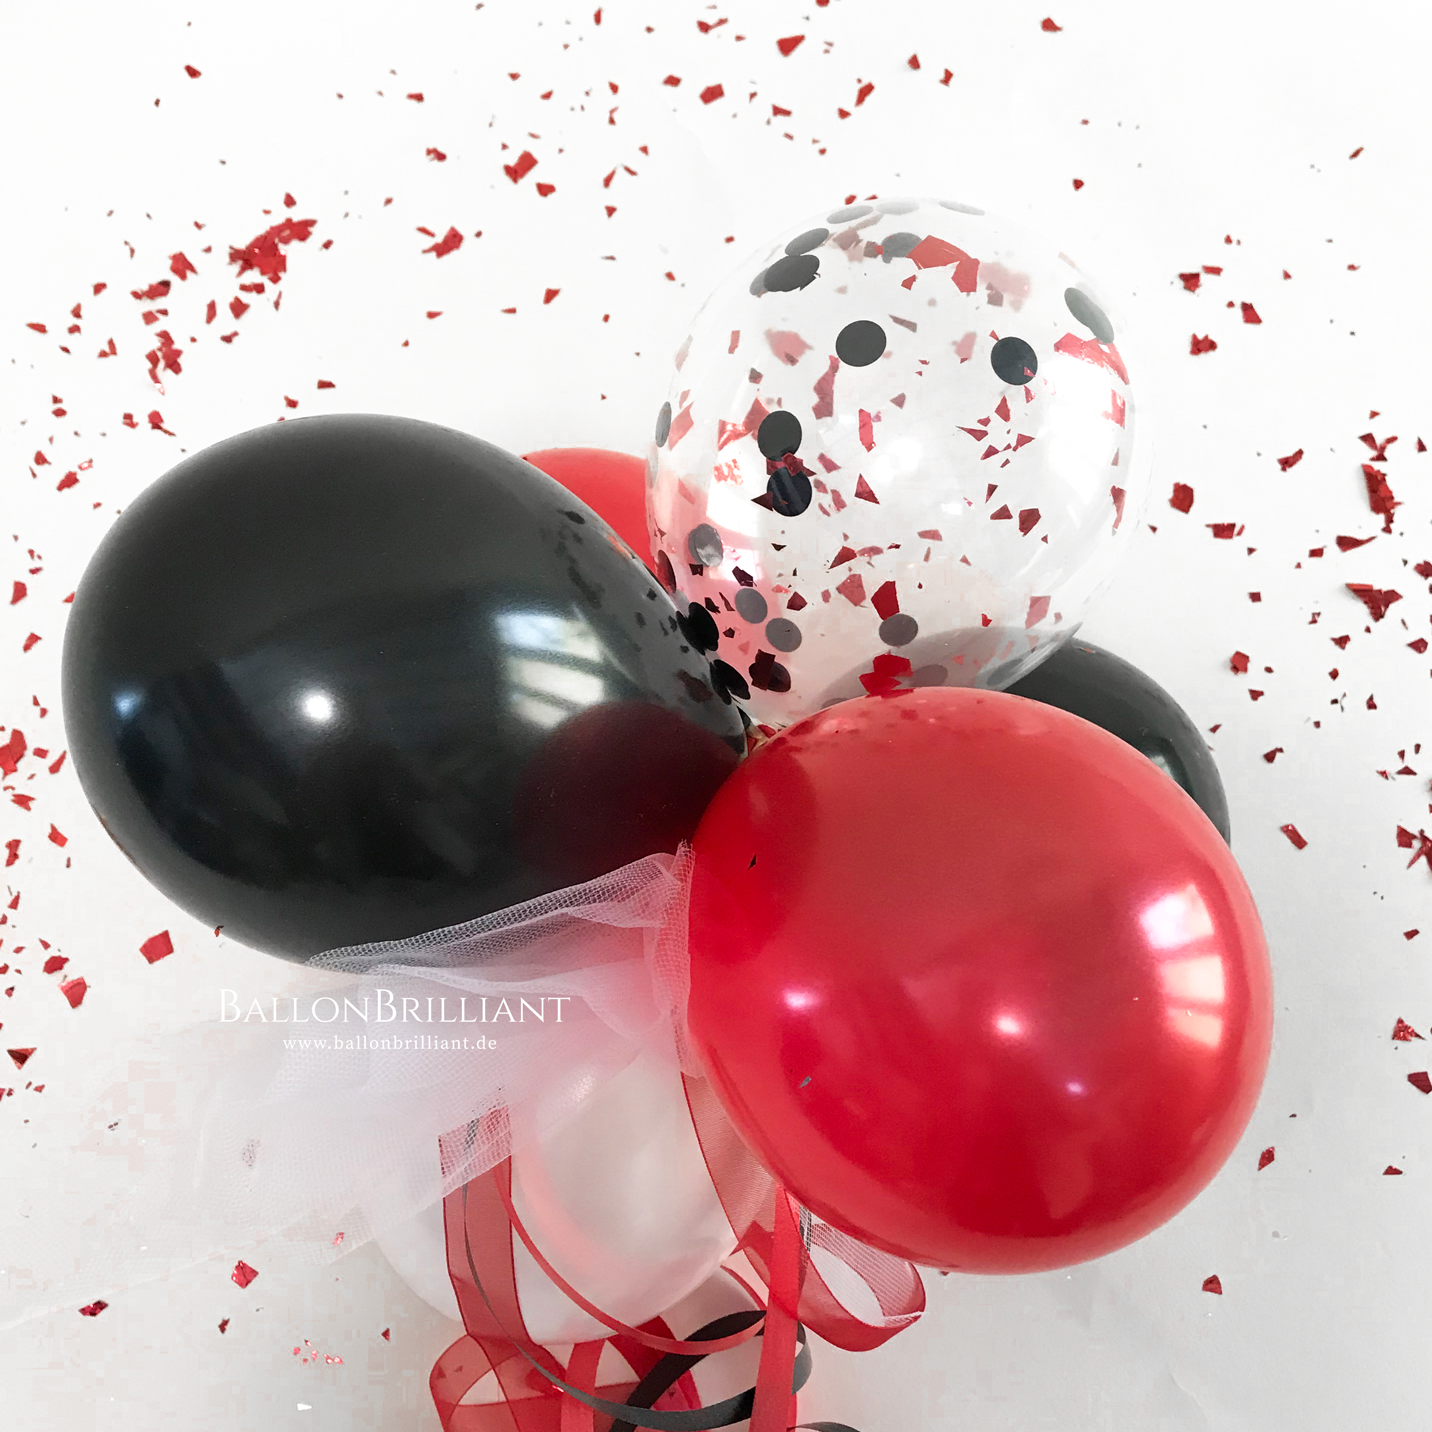 Rot / Weiß / Schwarz (Nr. 28)